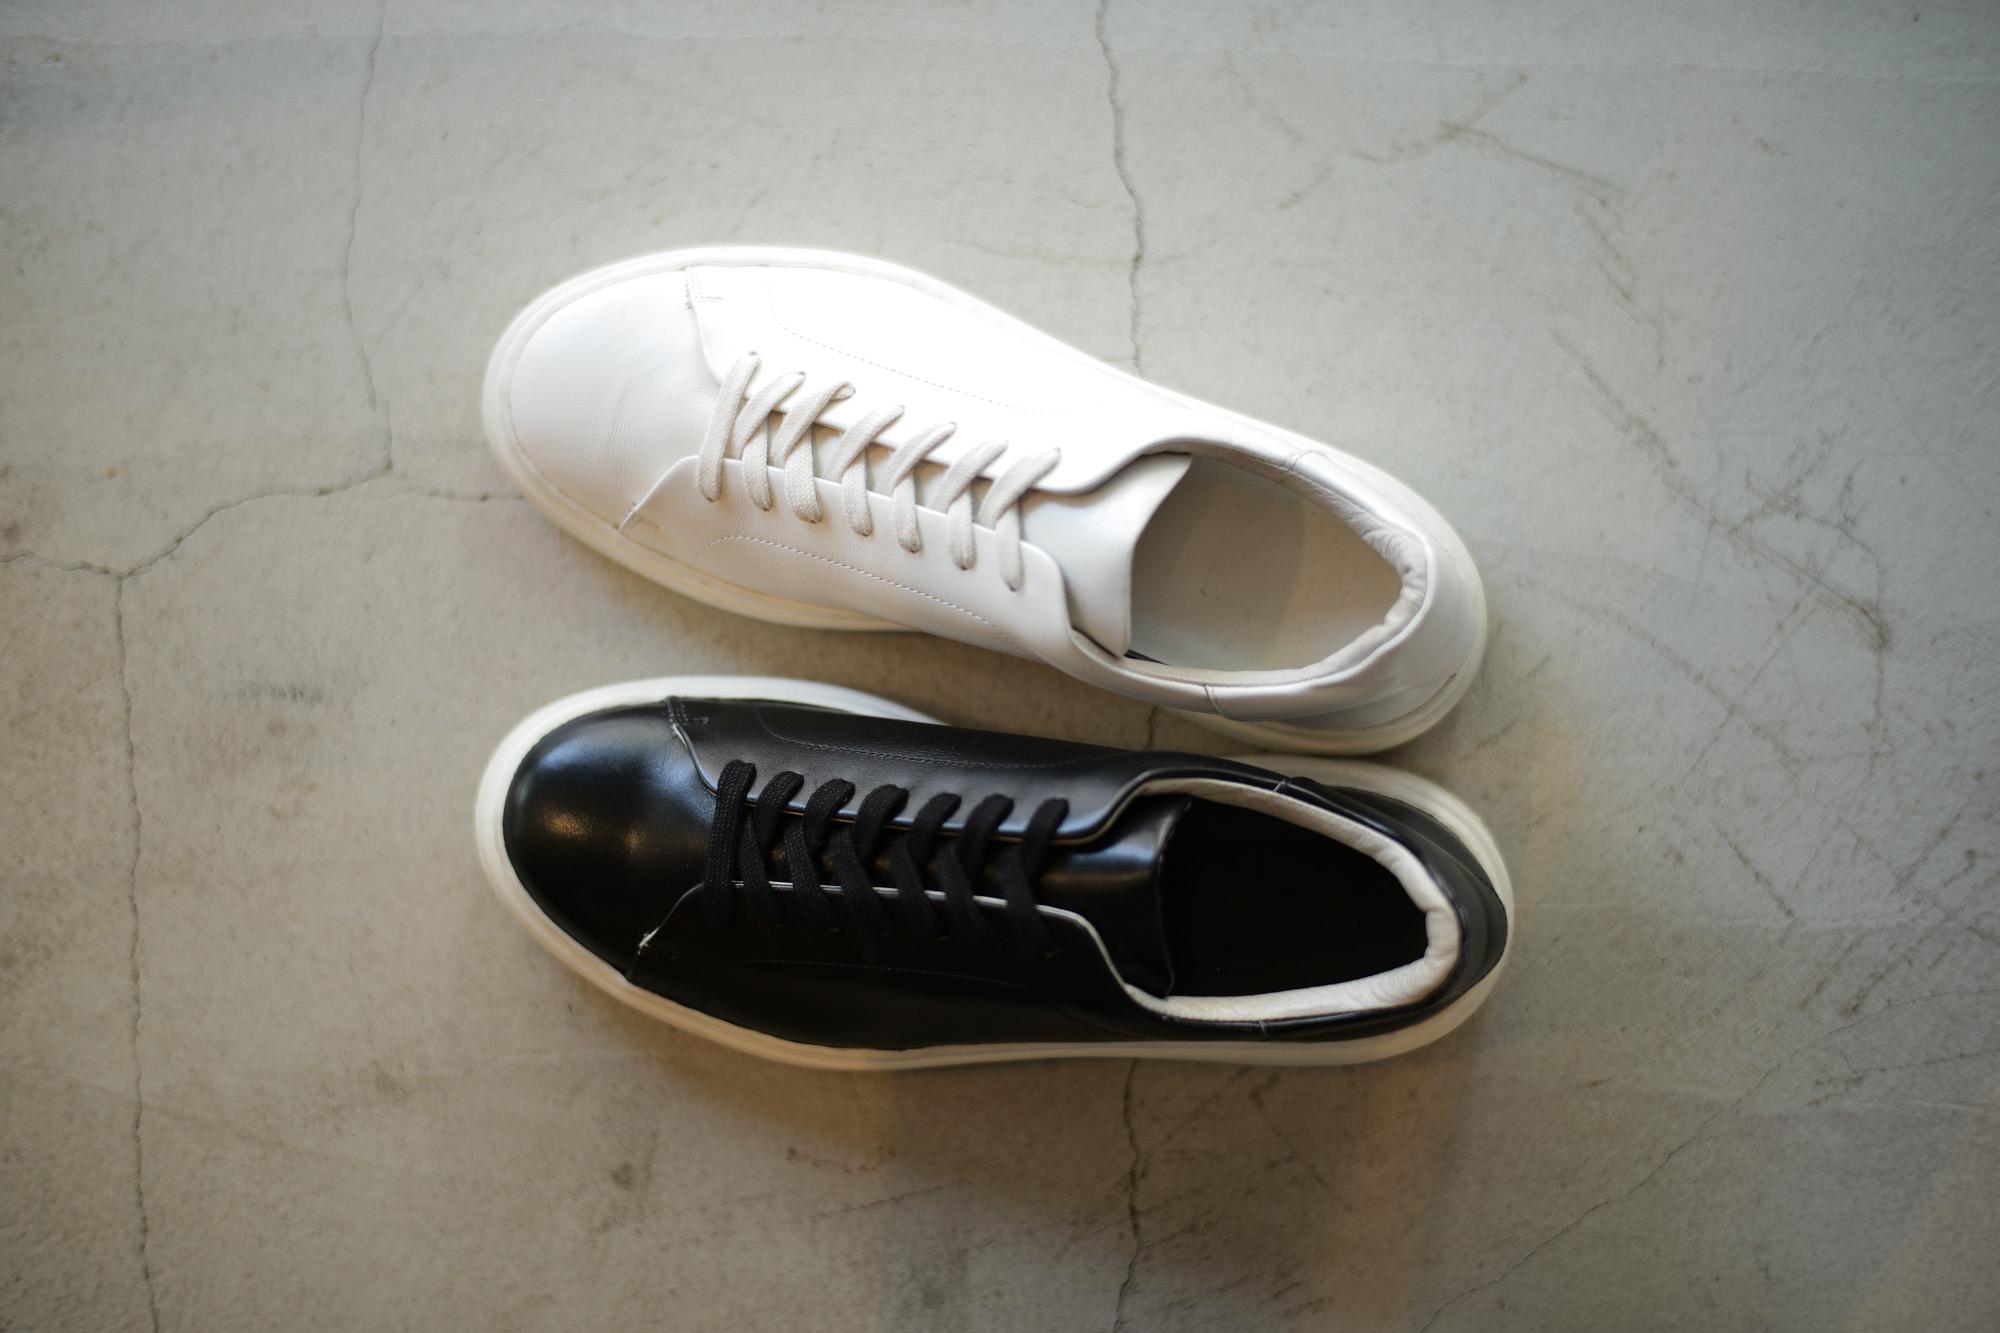 PATRICK(パトリック) CRUISE LINE クルーズライン GENOVA (ジェノバ) Annonay Vocalou Calf Leather (アノネイ社 ボカルーカーフ レザー) ローカット レザー スニーカー BLACK (ブラック・BLK) WHITE (ホワイト・WHT) MADE IN JAPAN(日本製) 【第2便ご予約受付中】【第3便ご予約受付中】【第4便ご予約受付中】 patrick パトリック cruiseline クルーズライン 愛知 名古屋 Alto e Diritto アルト エ デリット 干場義雅 坪内浩